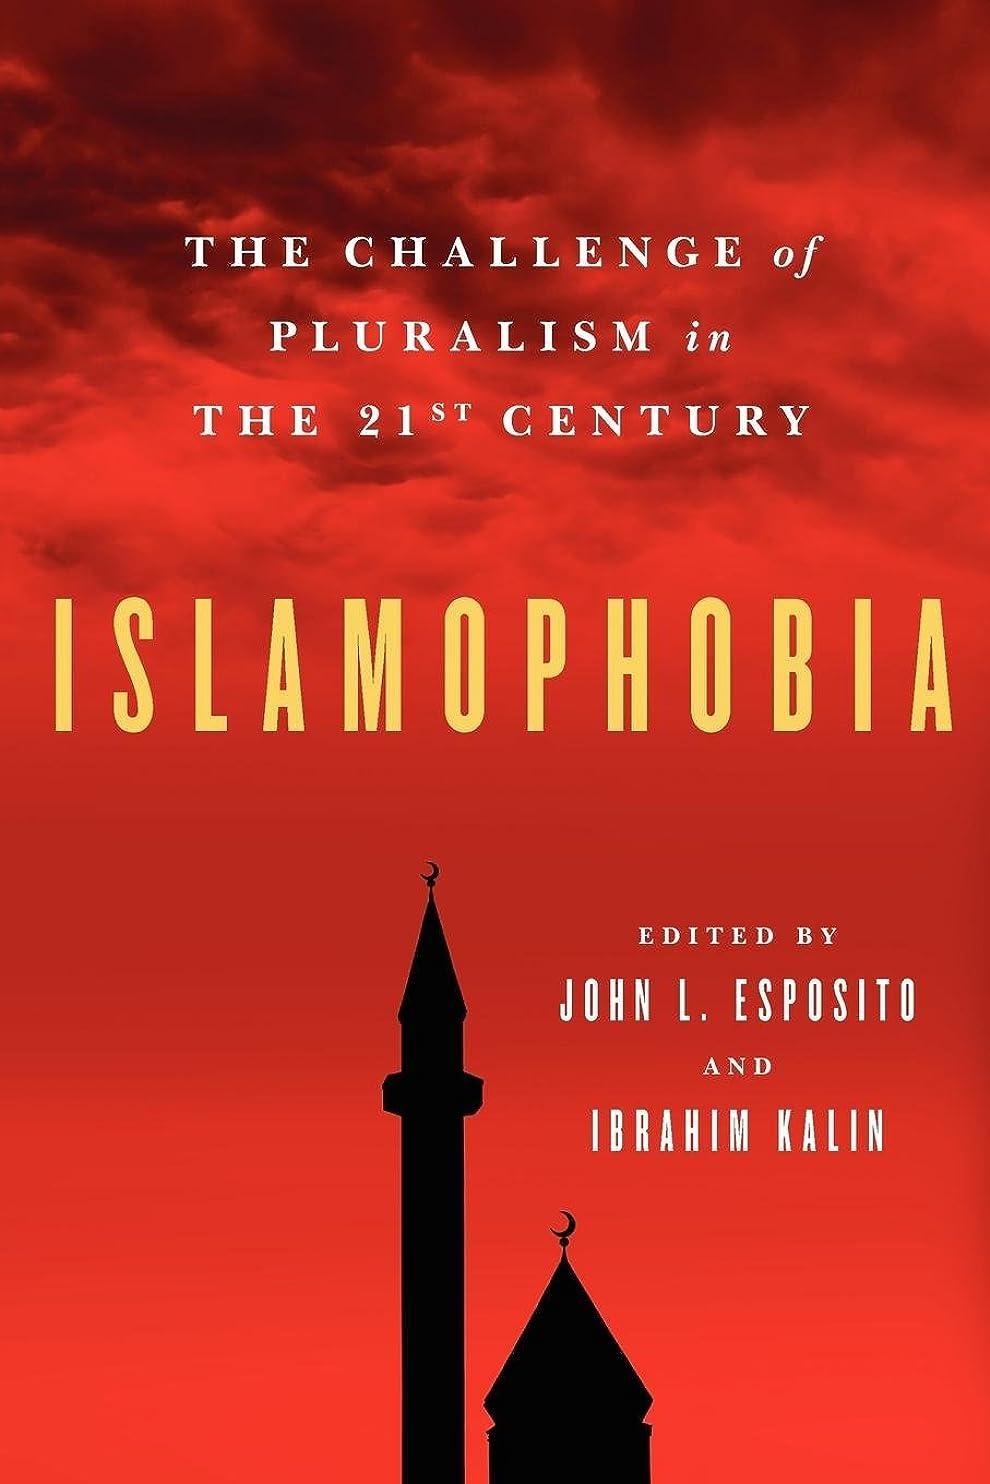 広まったランドマーク贅沢Islamophobia: The Challenge of Pluralism in the 21st Century